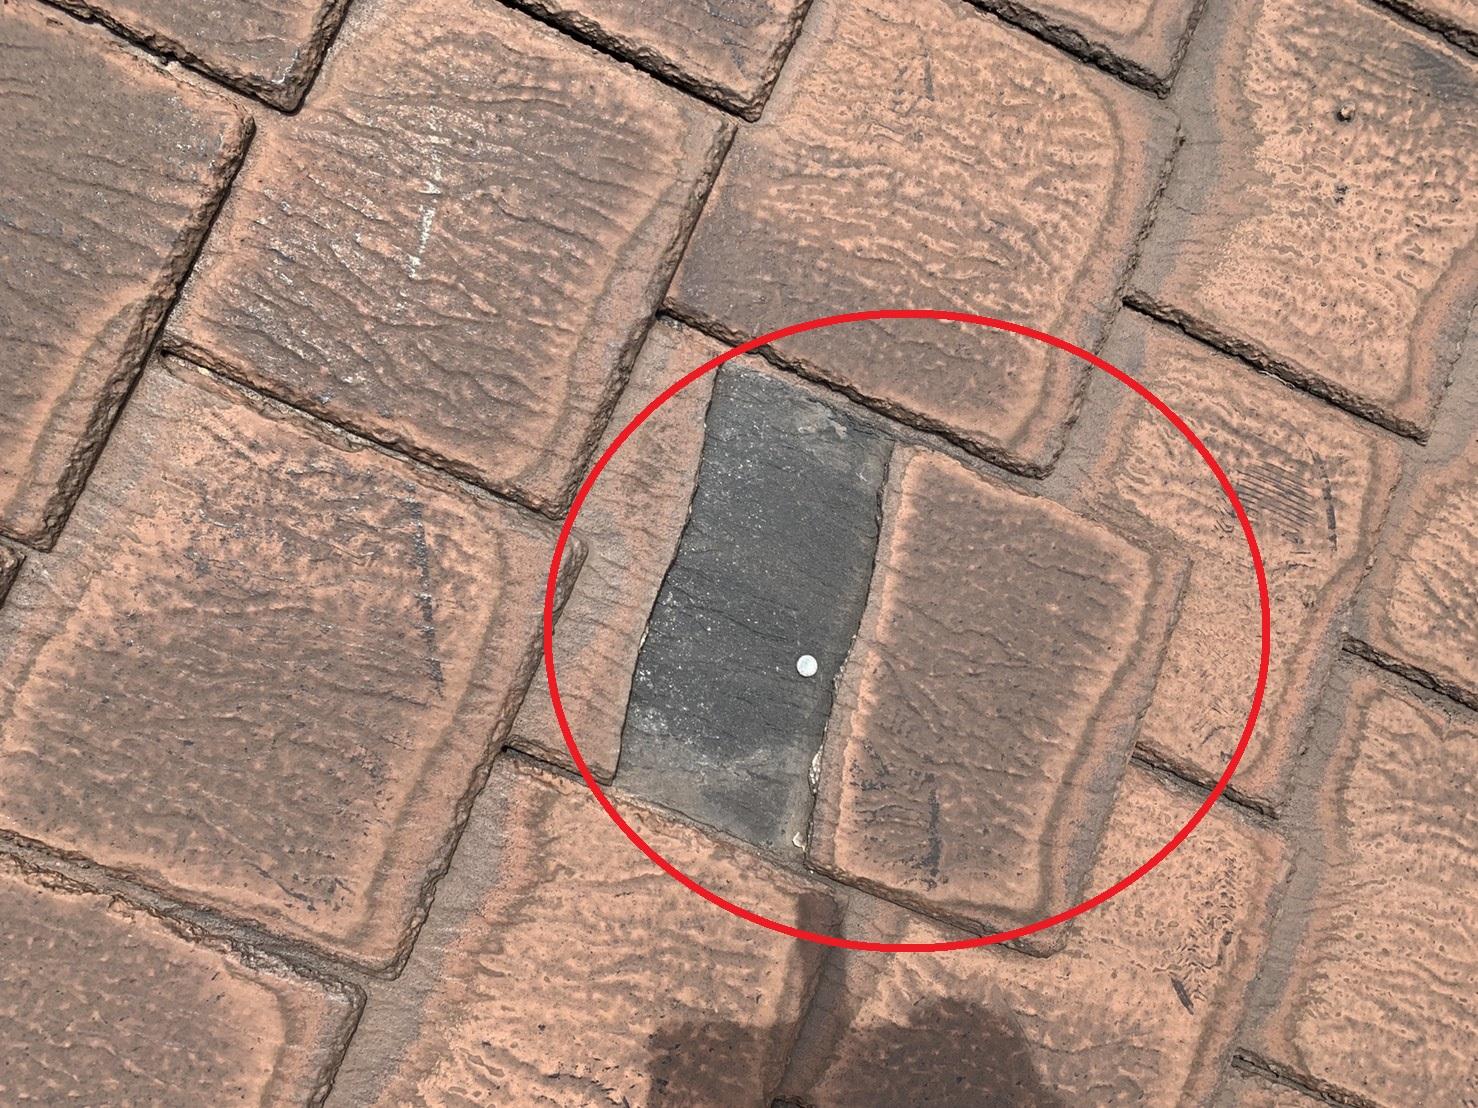 加古川市で屋根カバー工法を行った現場のひび割れたスレート屋根の様子